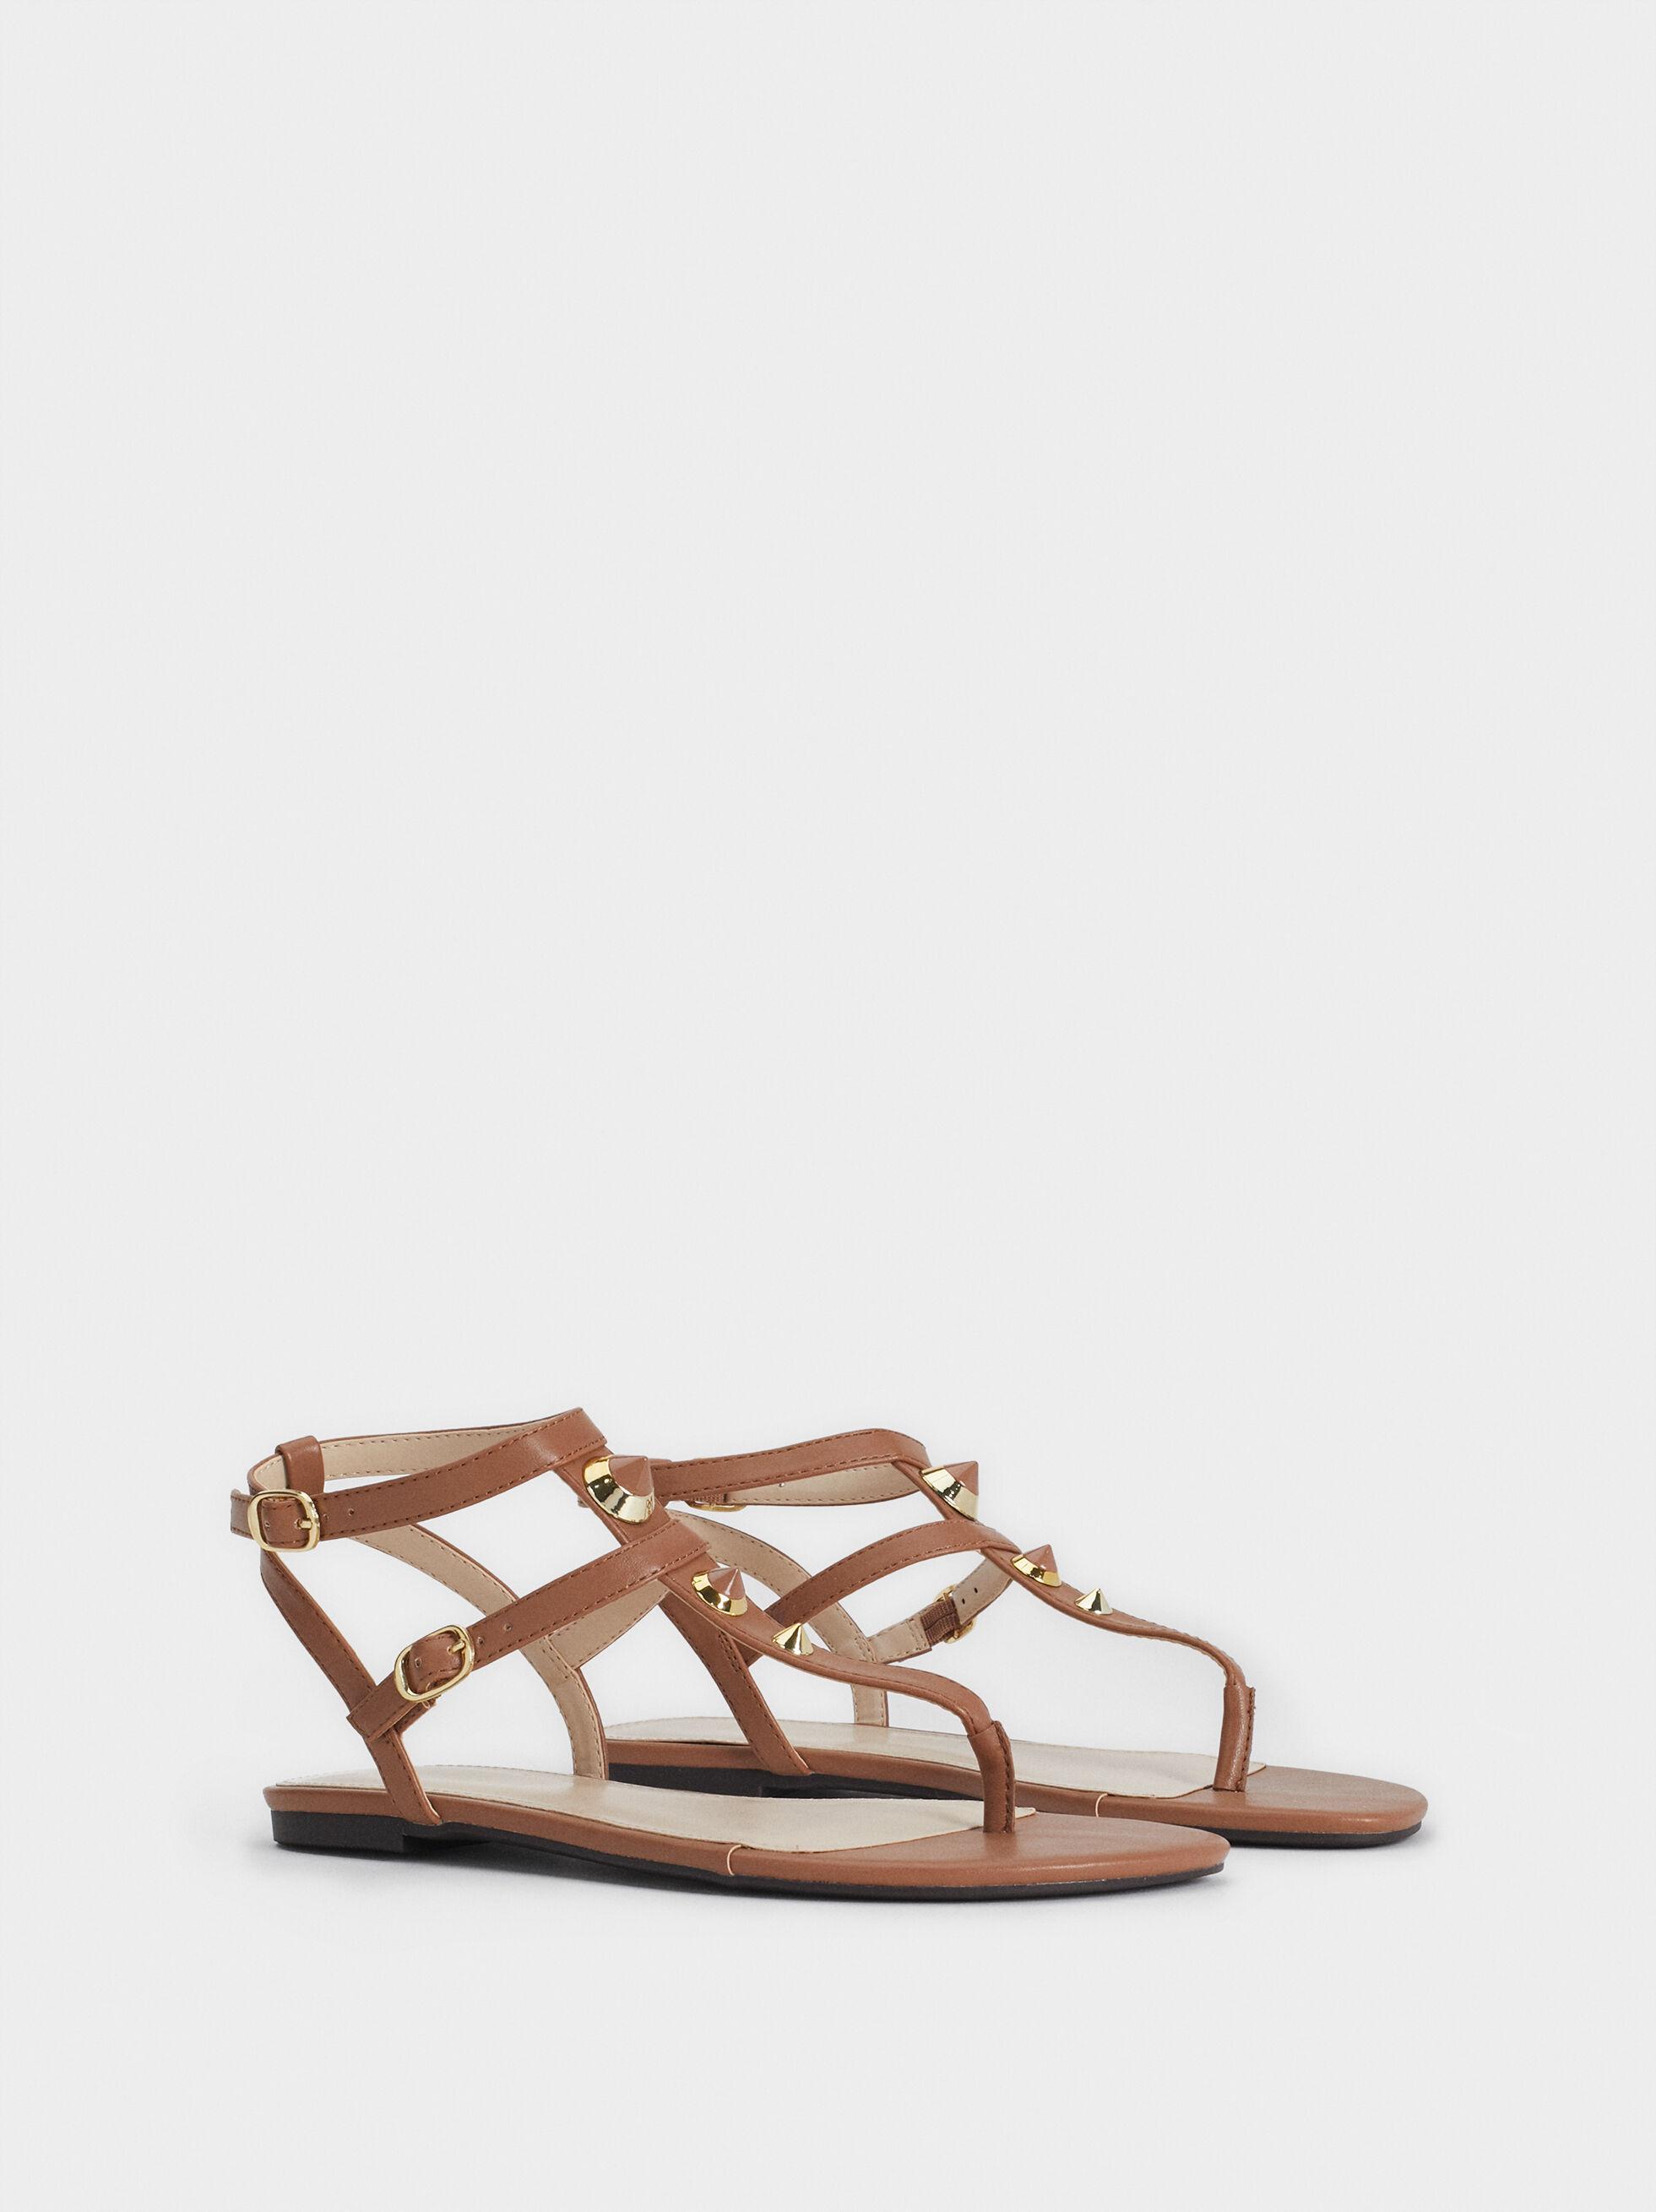 Flat Sandals With Metal Appliqués, Brown, hi-res